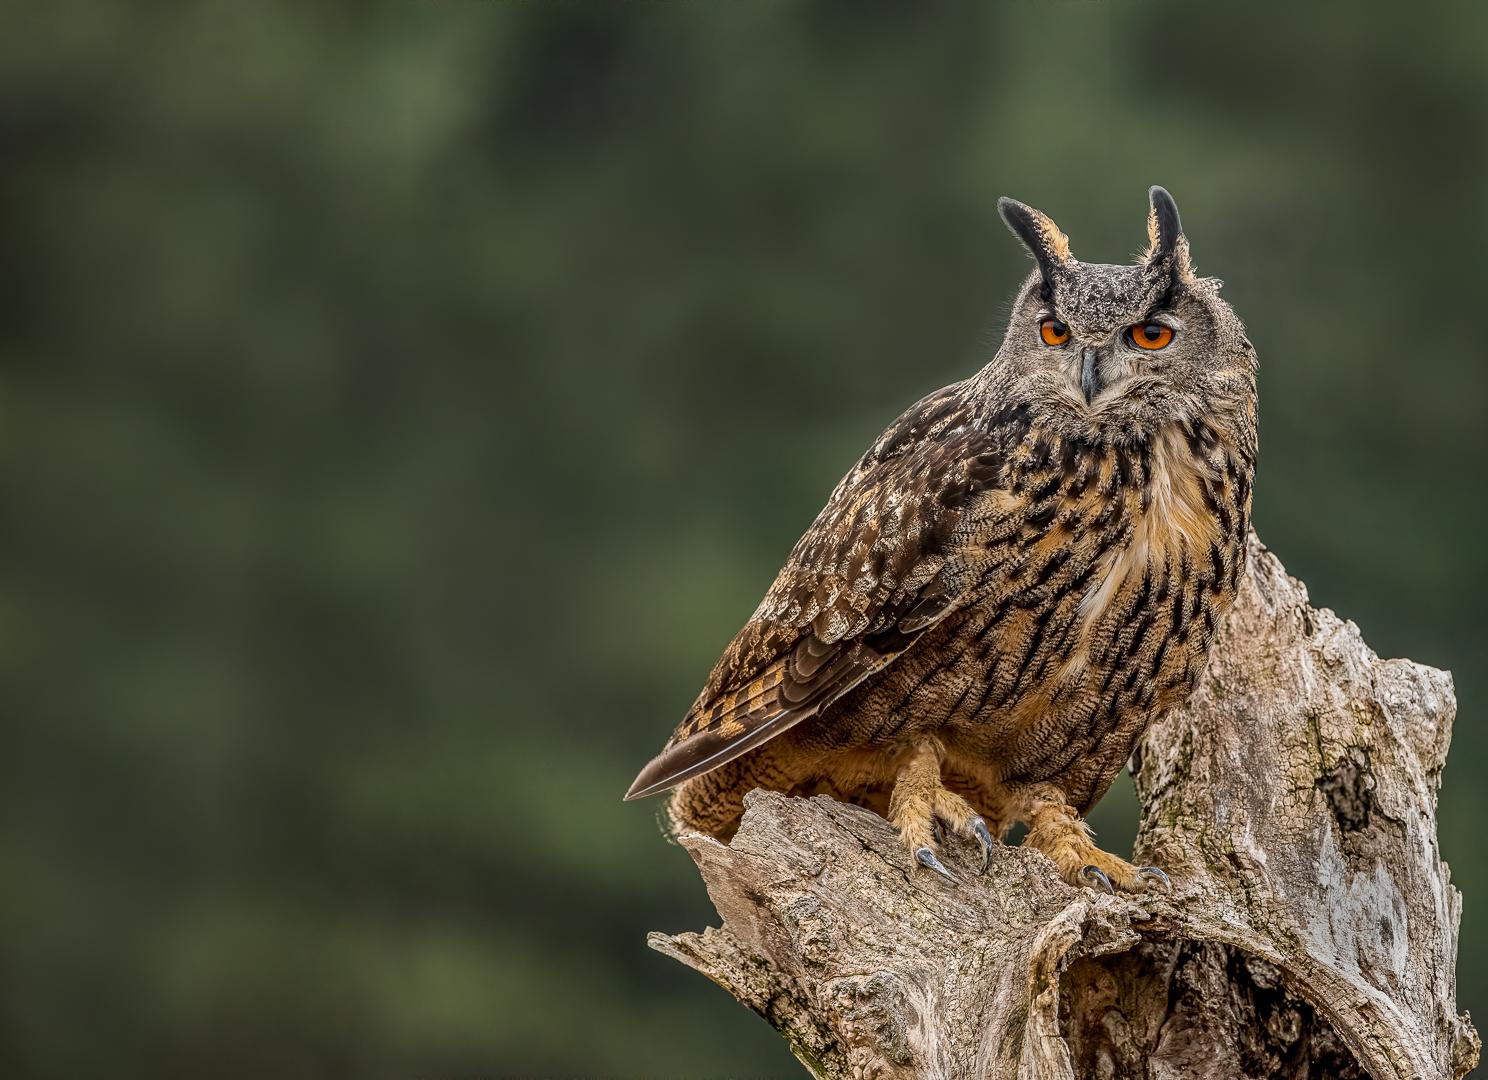 Vincent Filteau – Eurasian eagle-owl – 1ST